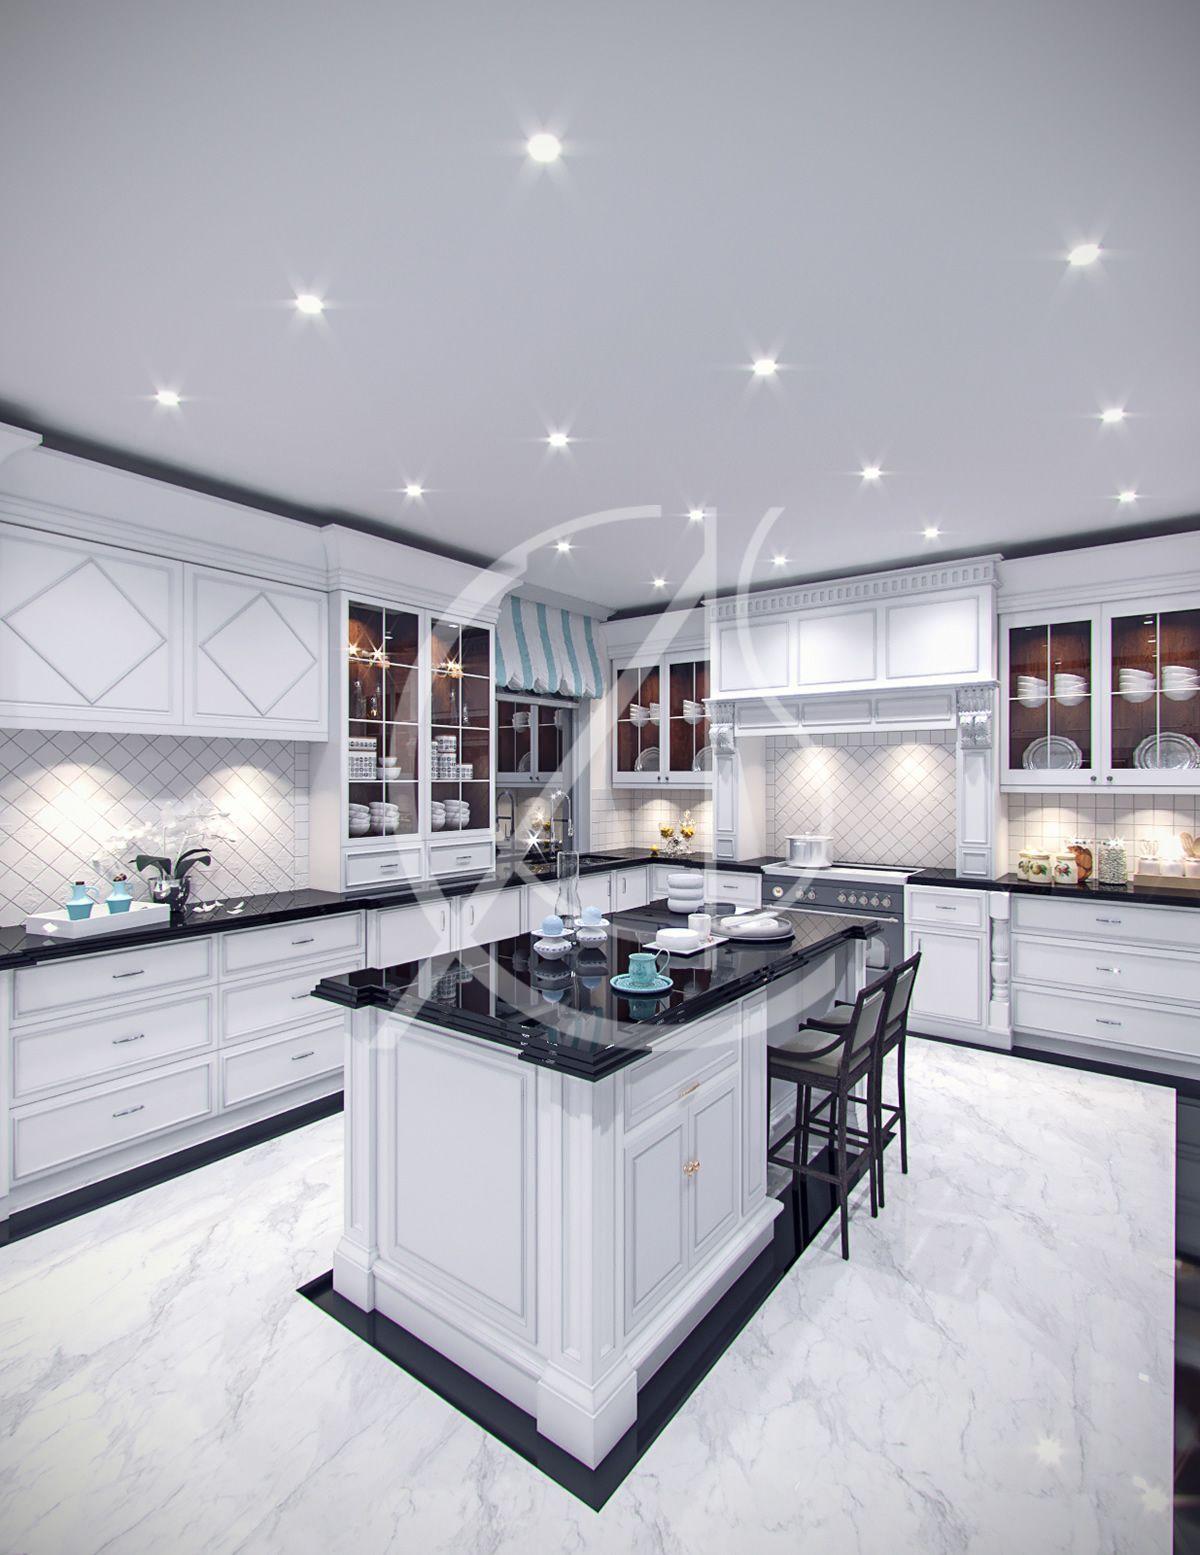 Contemporary Classic Villa Interior By Comelite Architecture Structure And Interior Design, Black An… | Modern Kitchen Design, Interior Design Kitchen, Floor Design